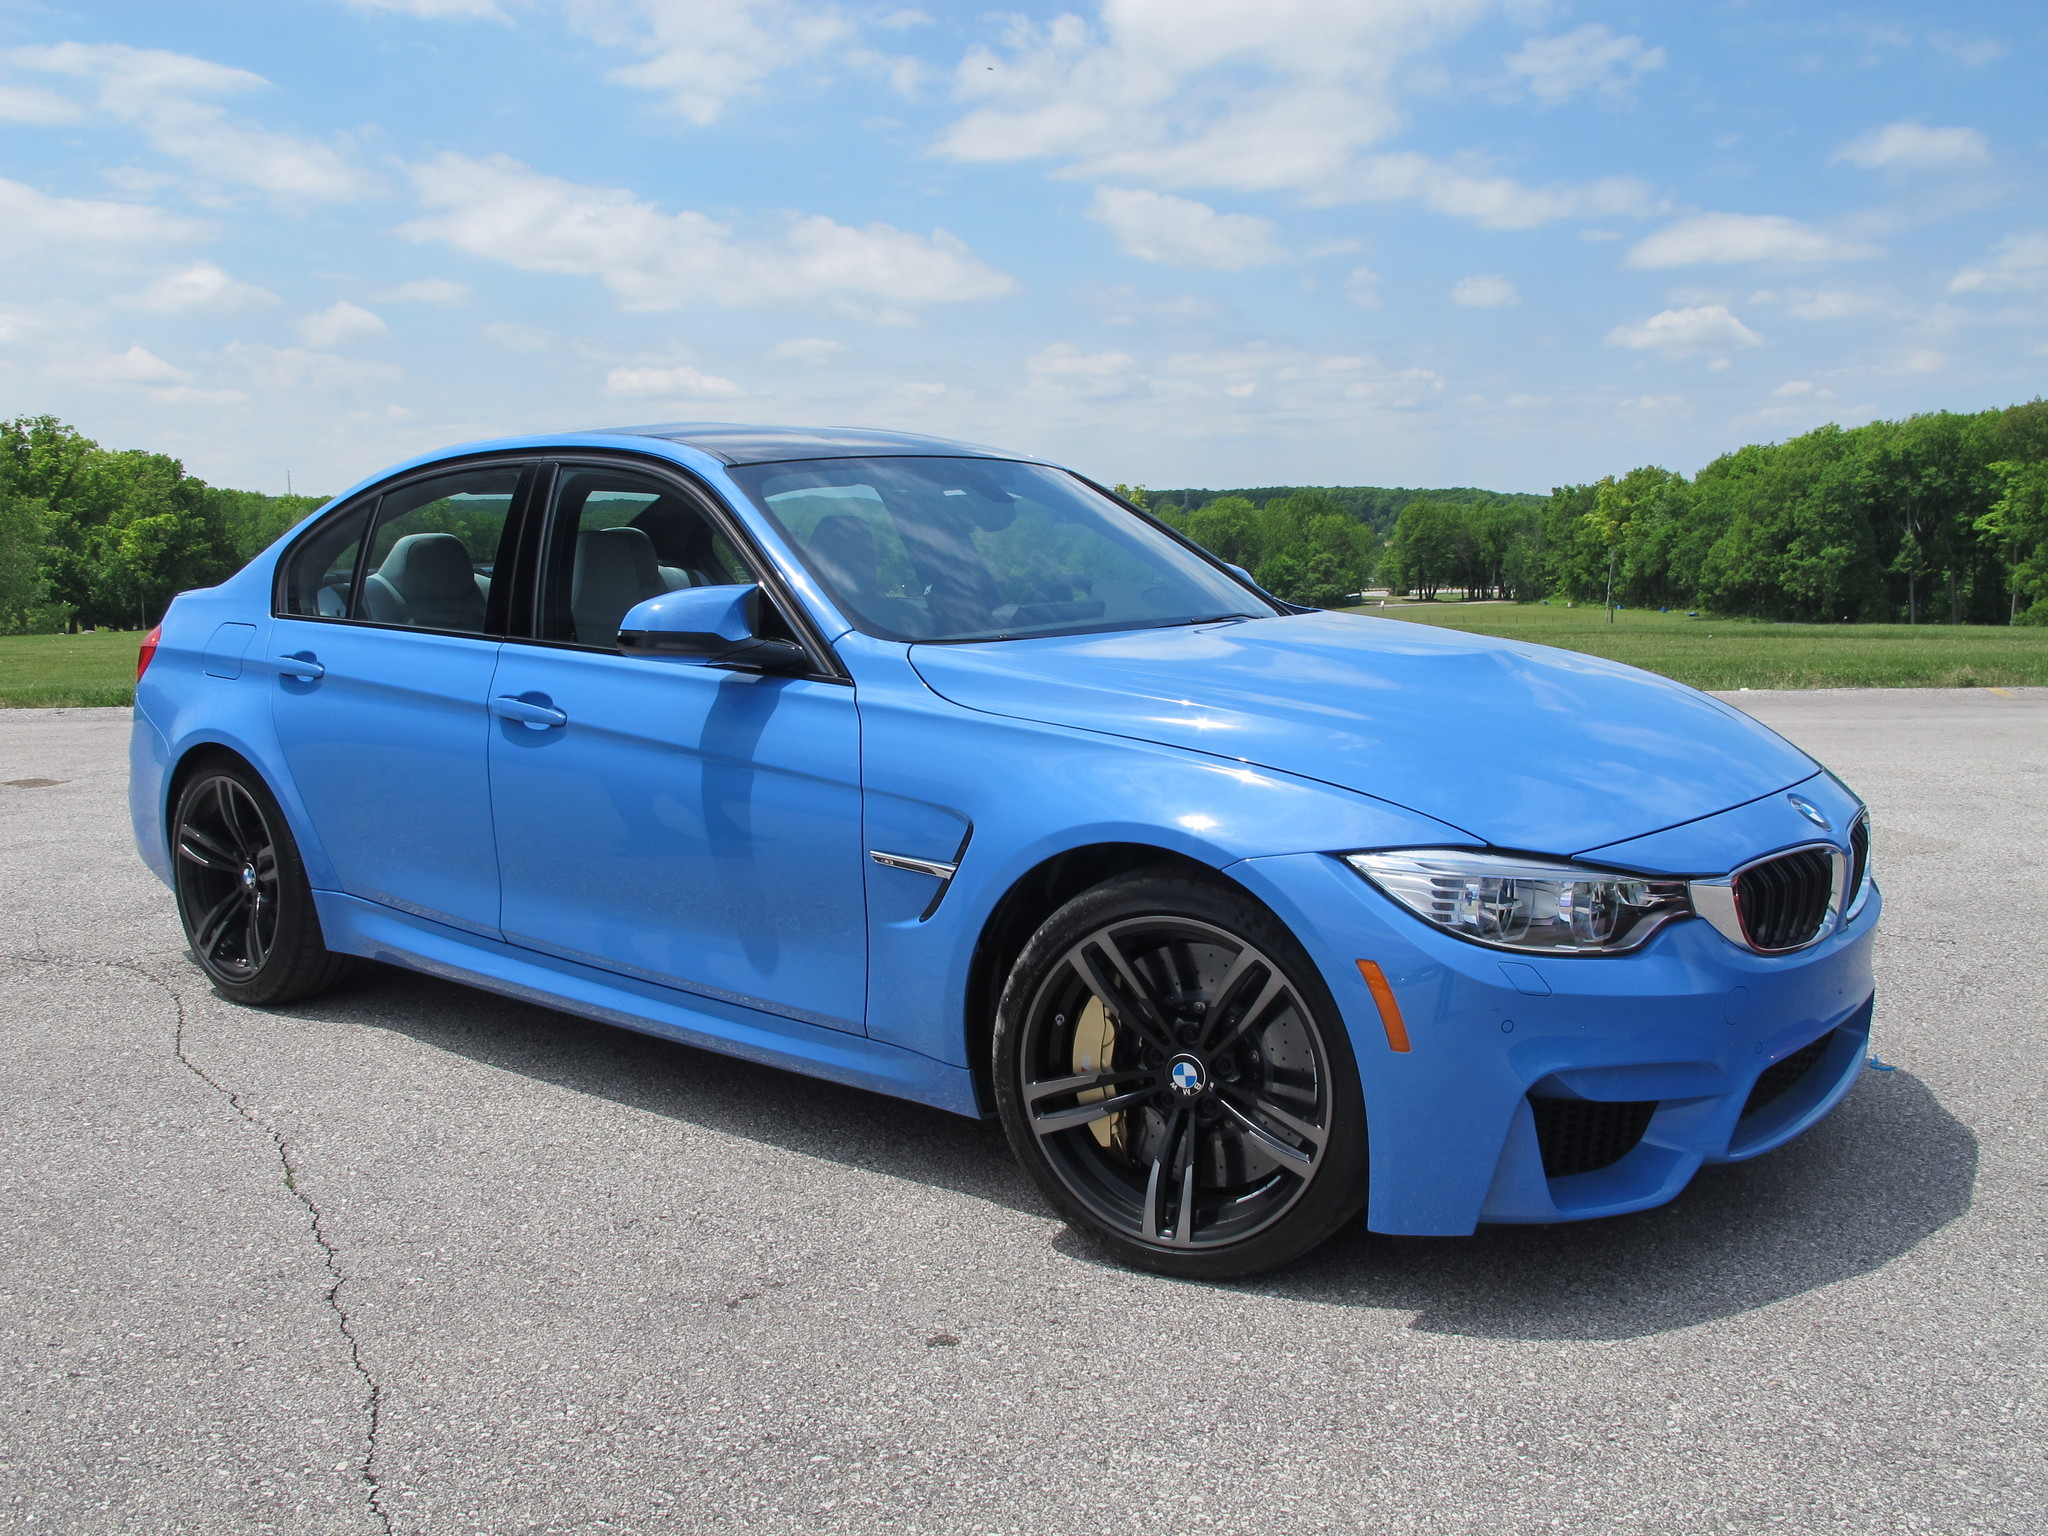 2015 BMW M3/M4 outperforms legendary predecessor